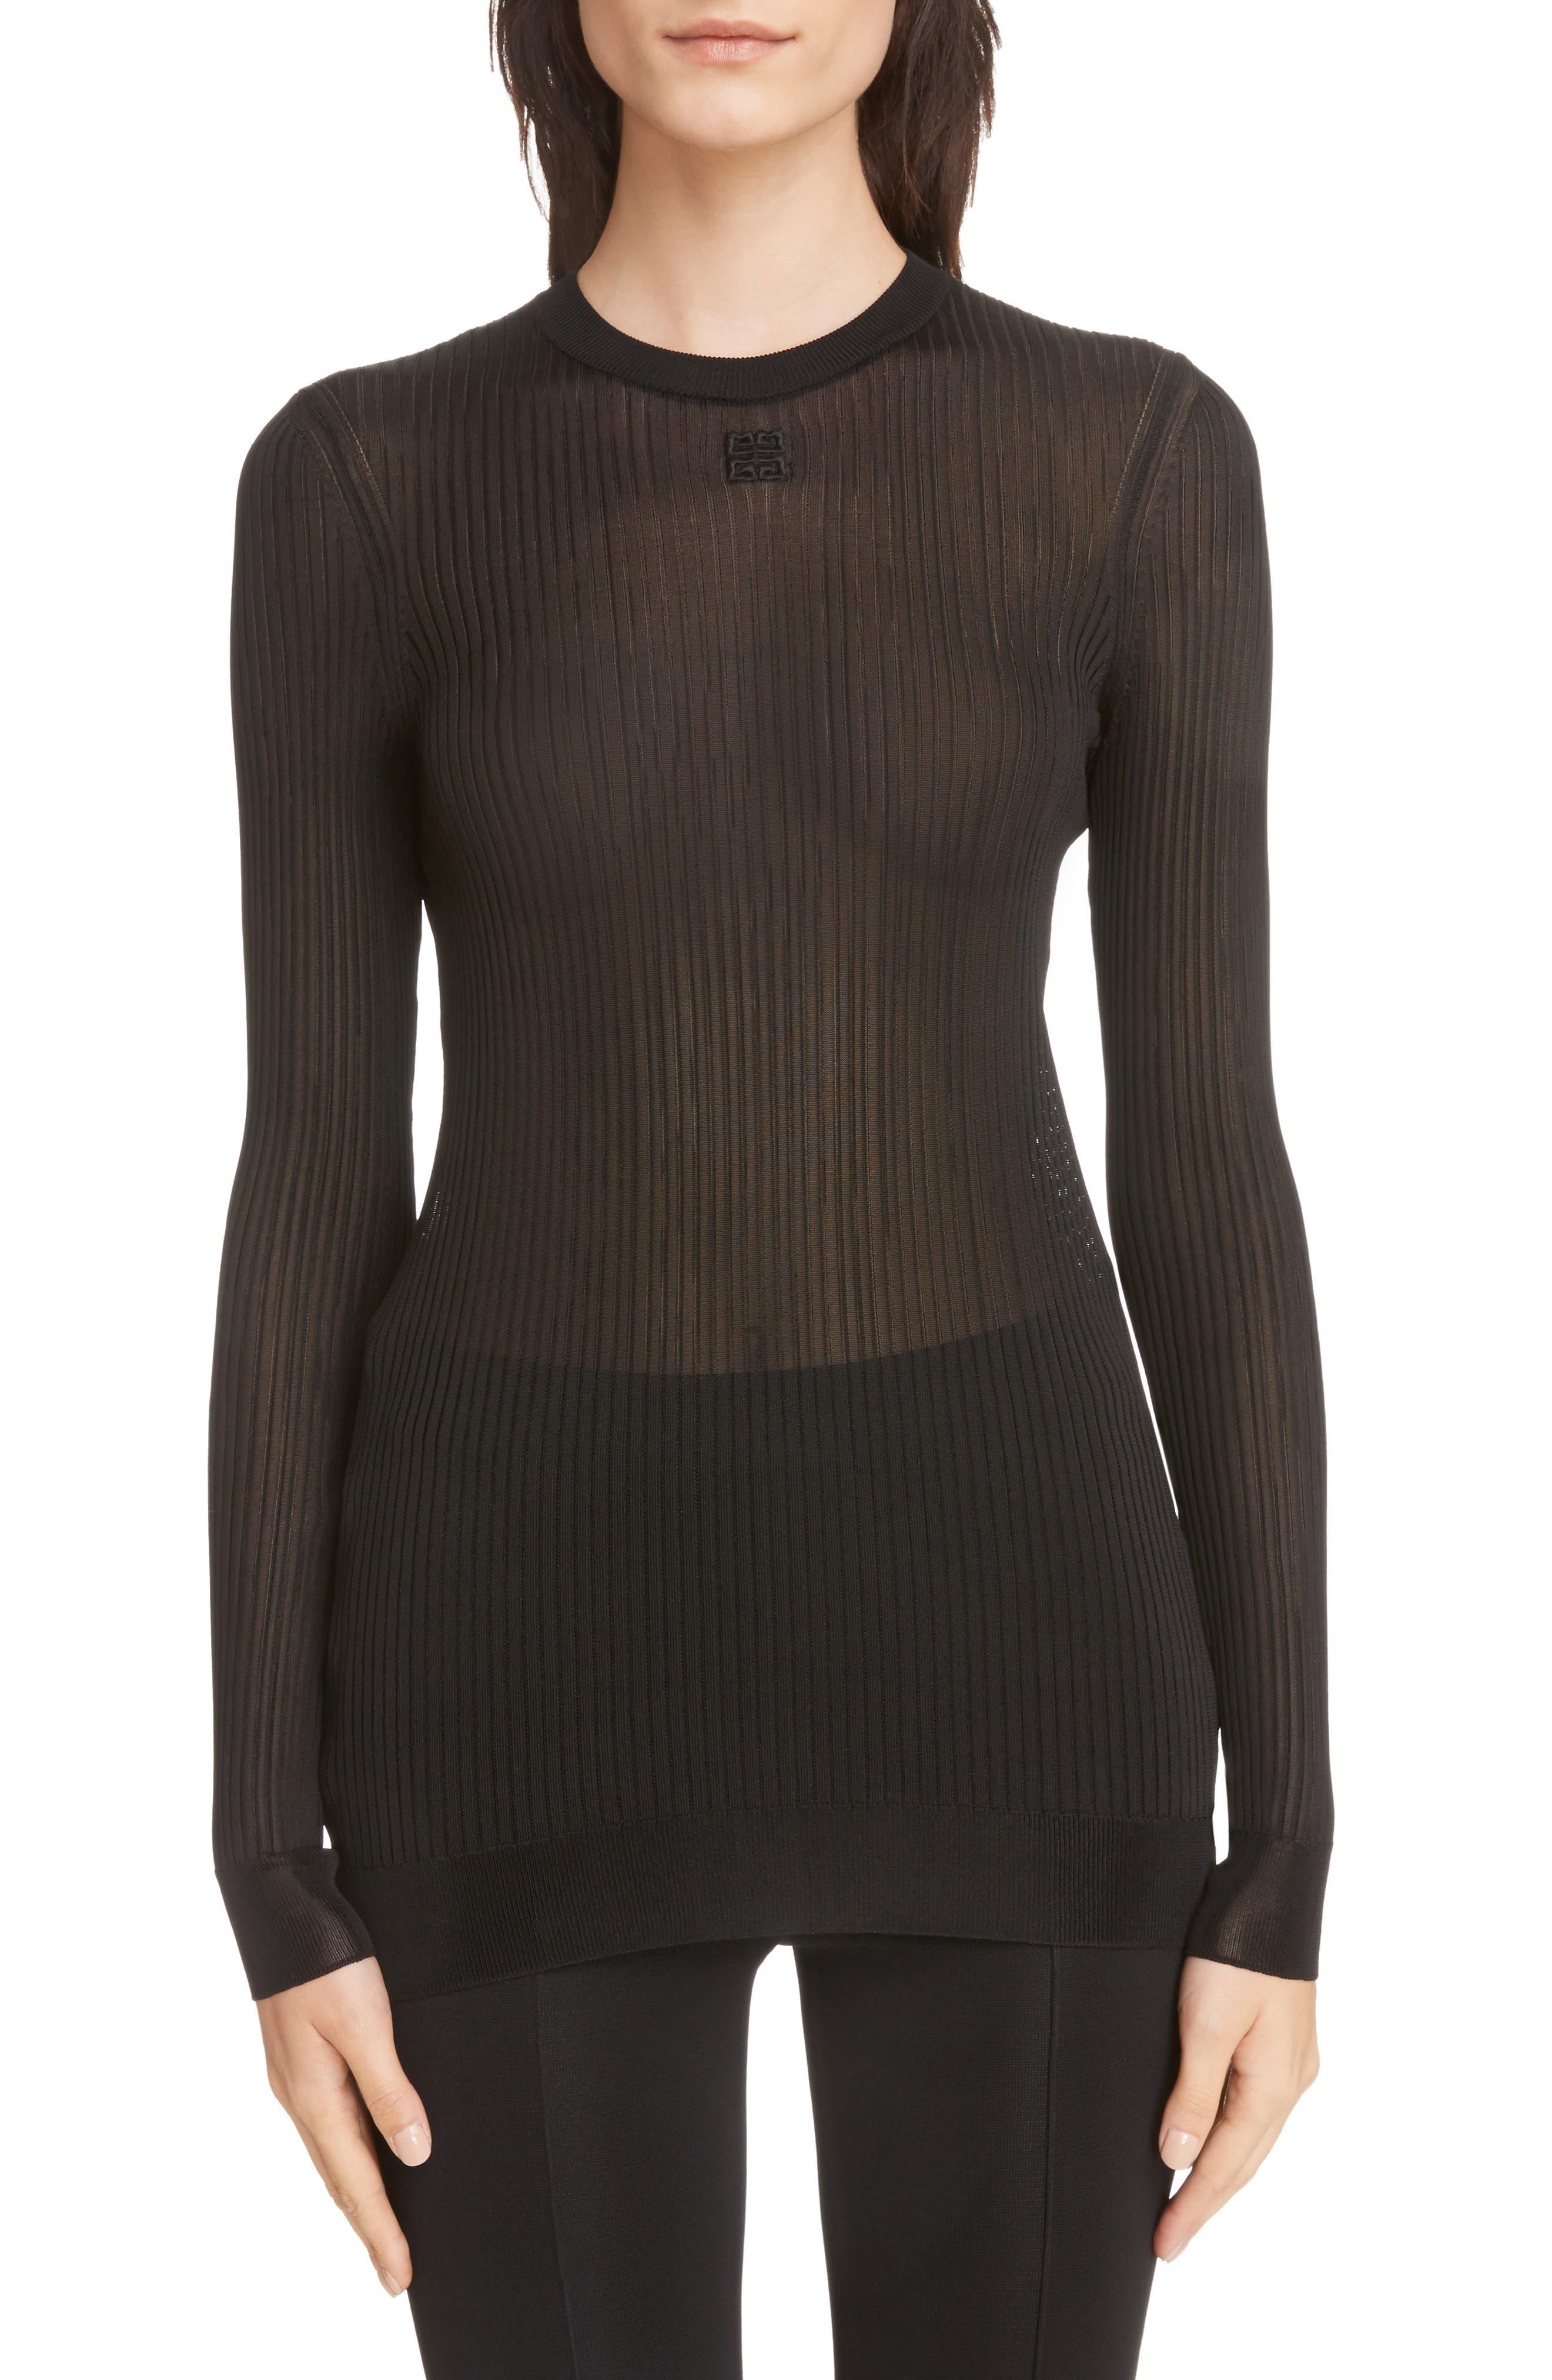 Givenchy Sheer Ribbed Top